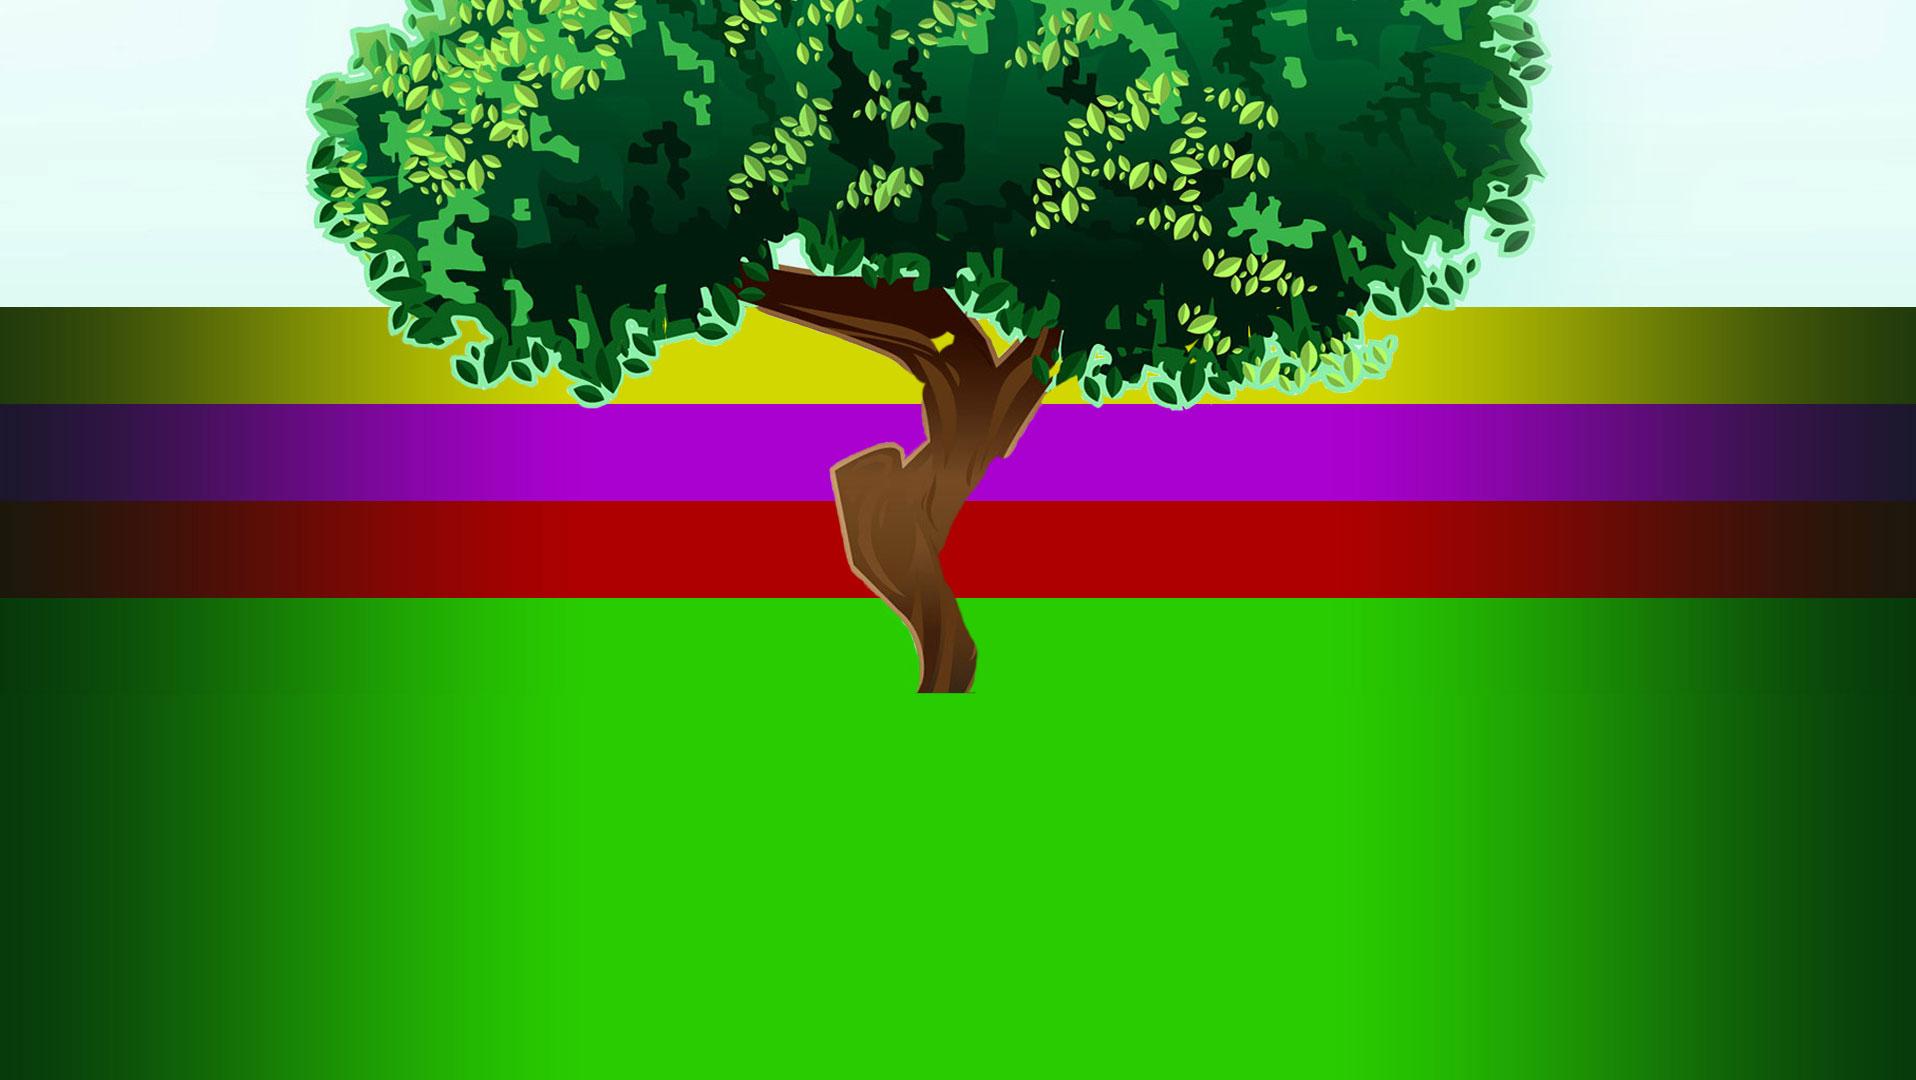 <h2>Pohon Buah Menakjubkan</h2>